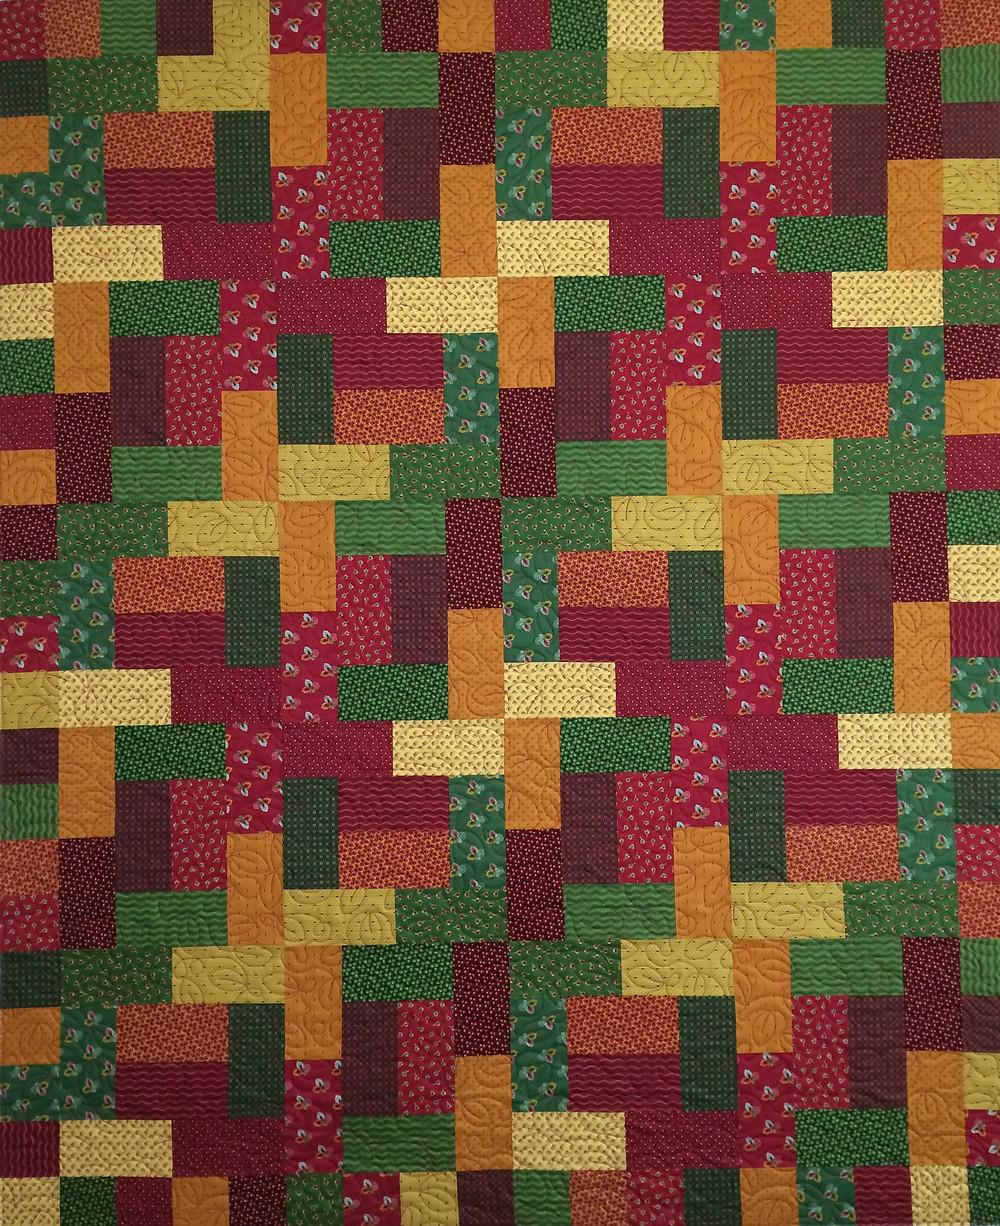 Janne Multi Color Quilt